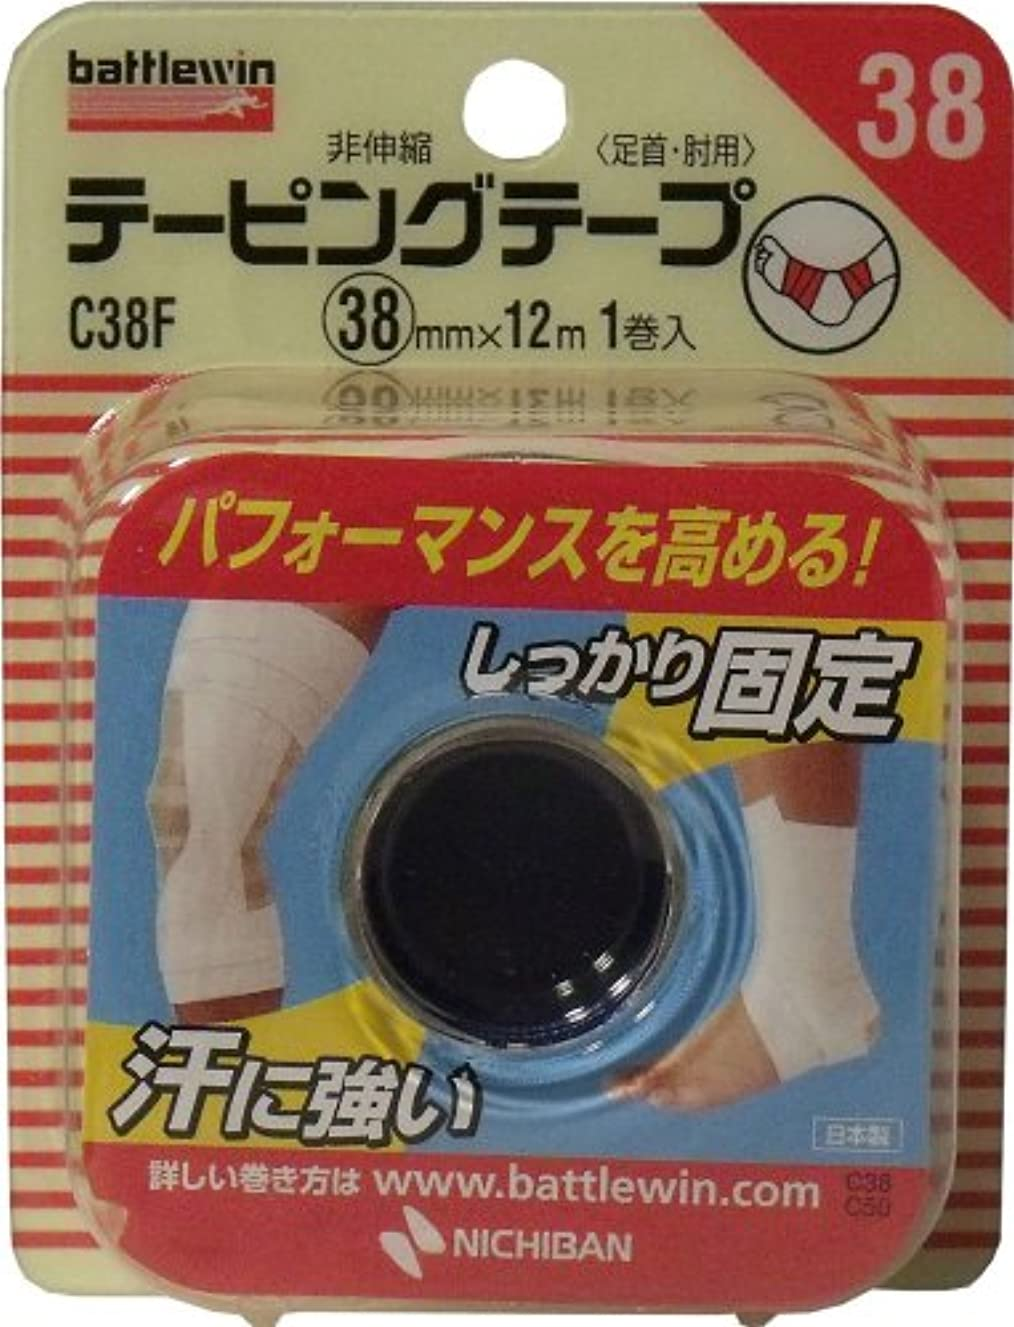 姓アジアマインドフルバトルウィンテーピングテープCー38F38MMX12M1ロール490 ニチバン(株)